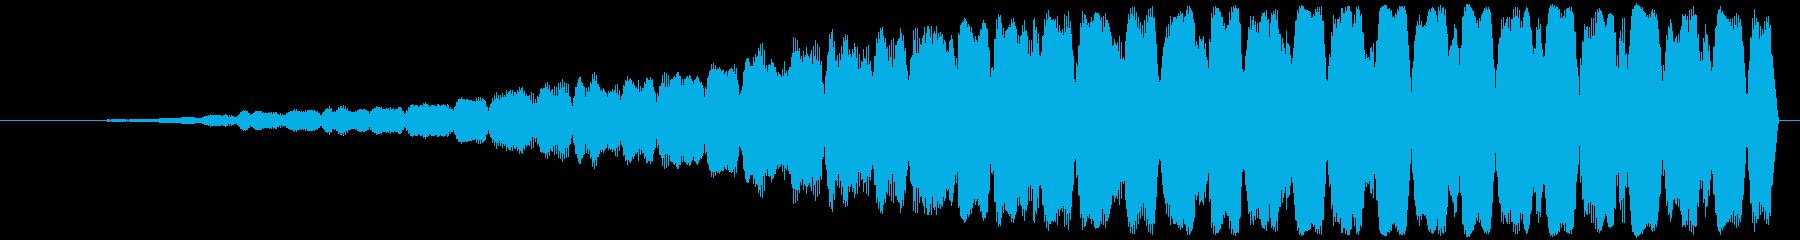 不協和音ハウリング【ホラー】ヒィィィィィの再生済みの波形